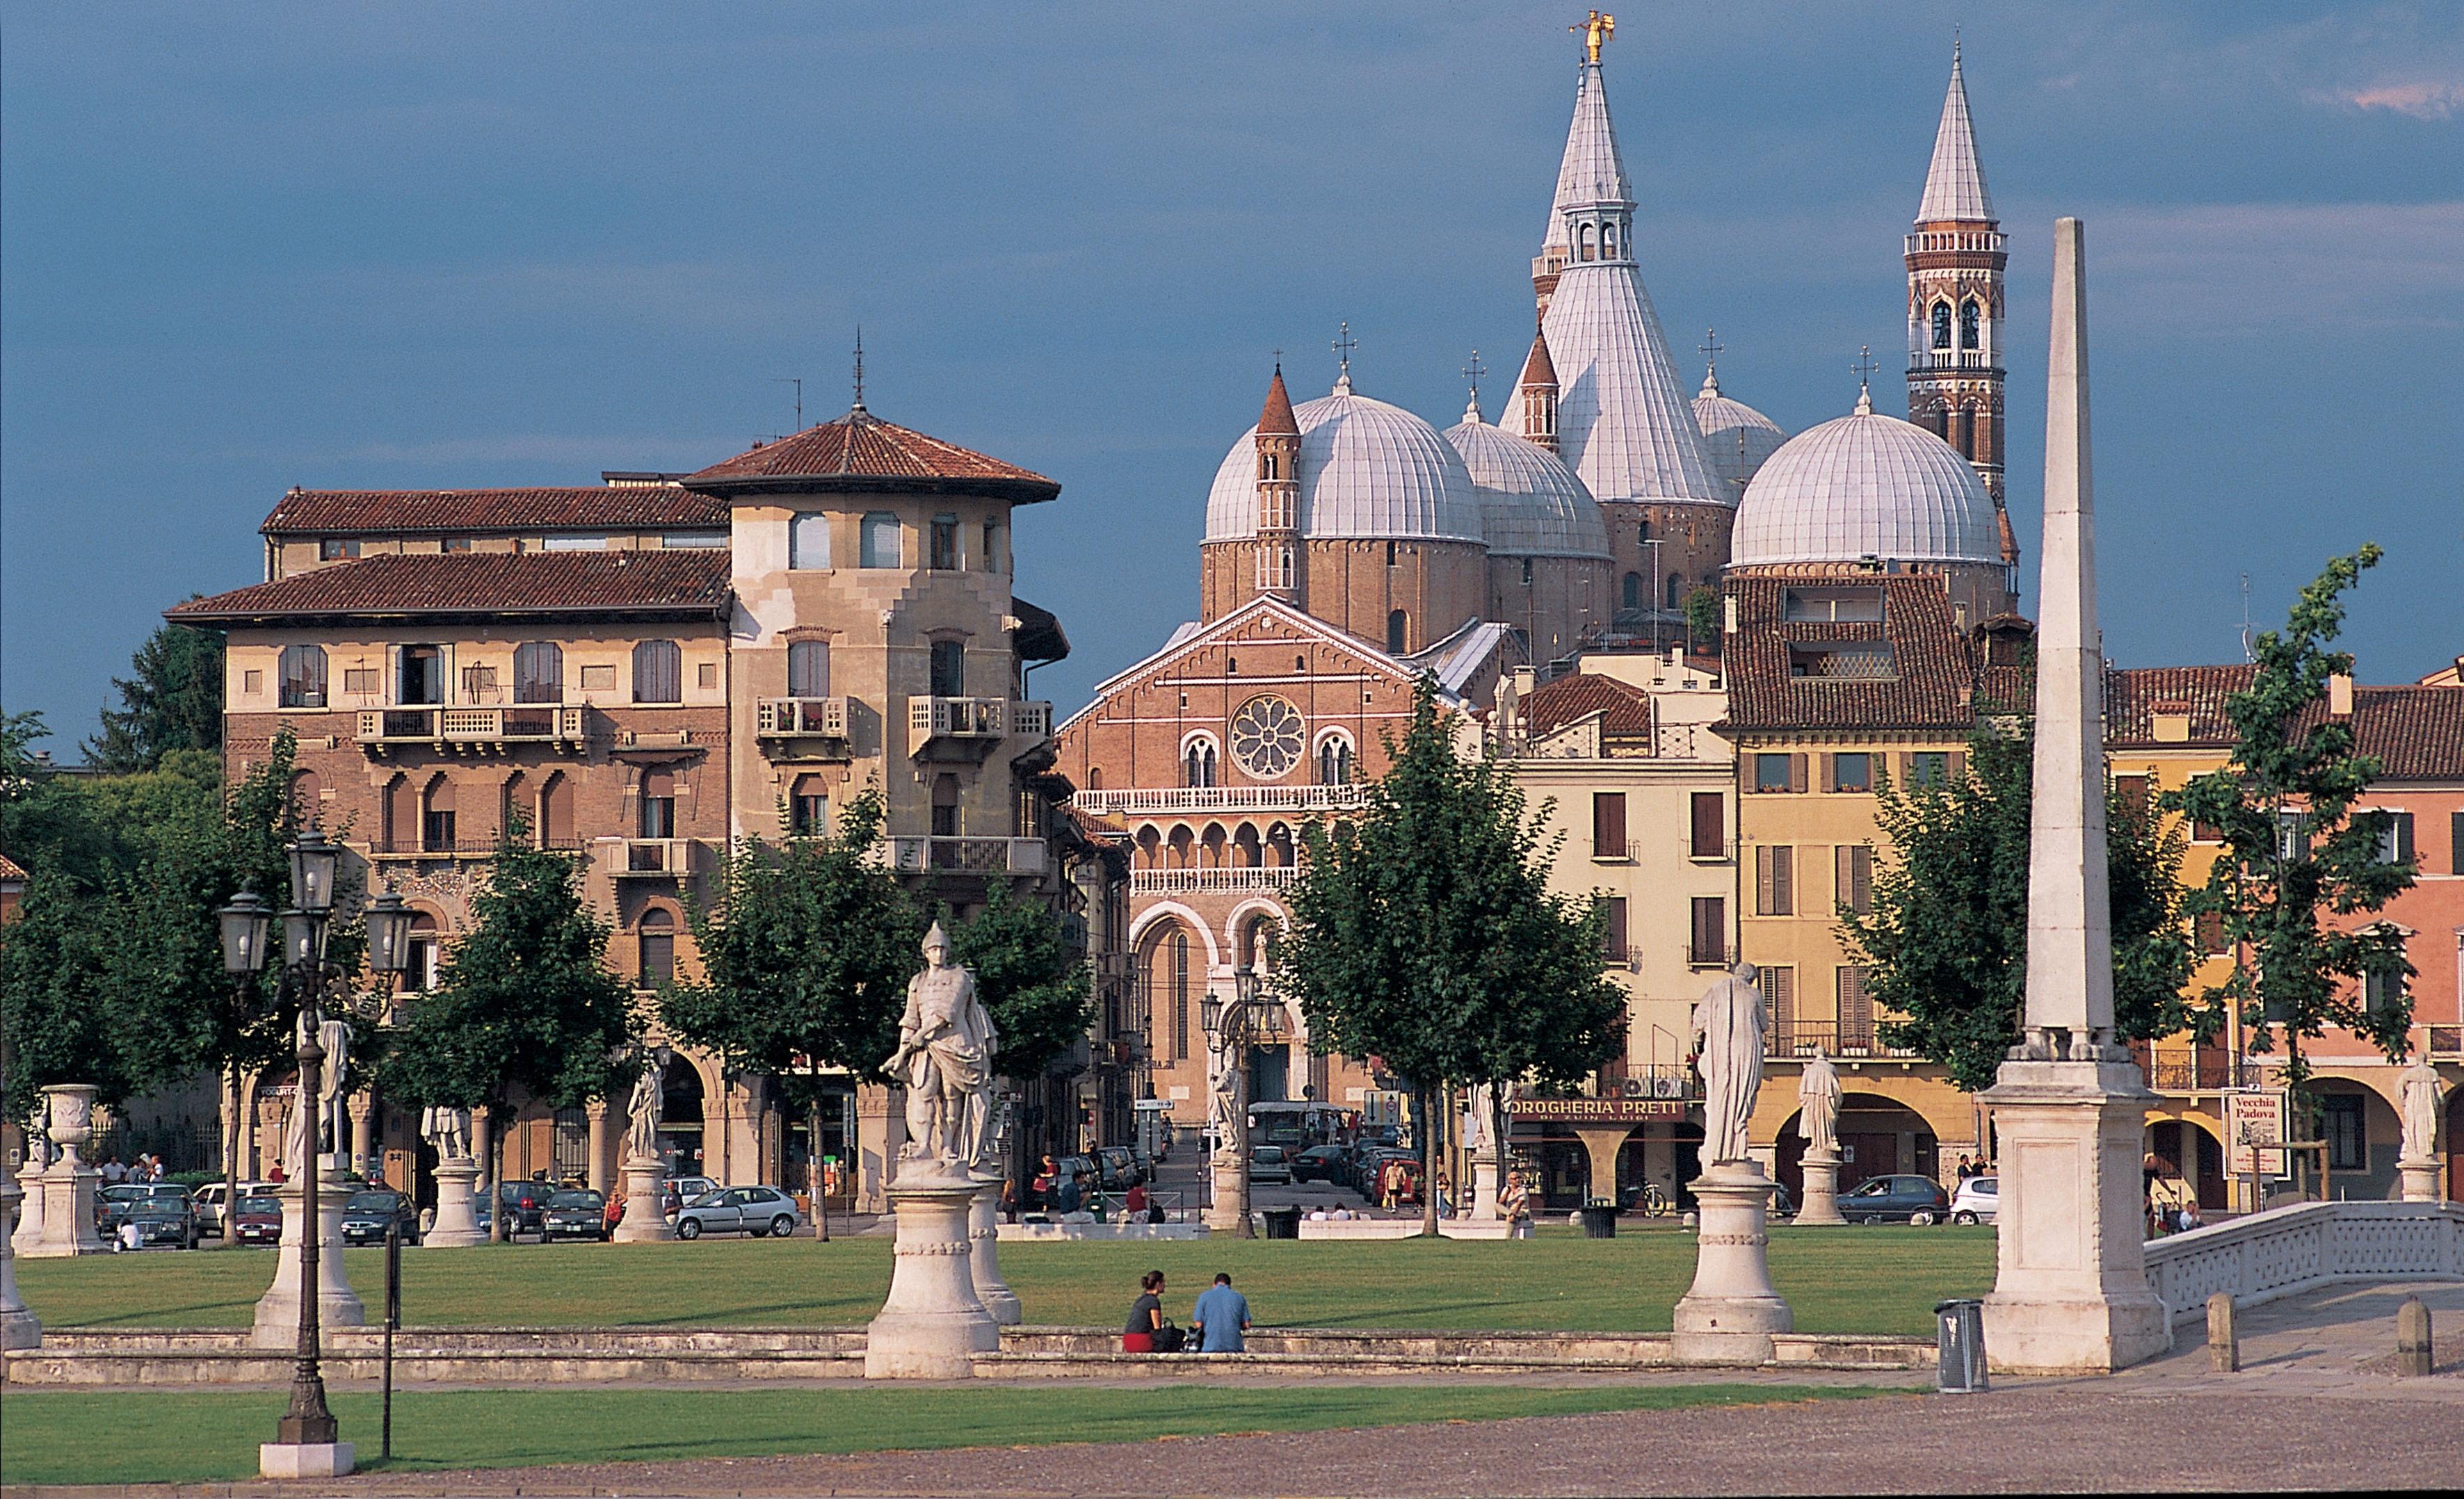 Castle in Padua photos